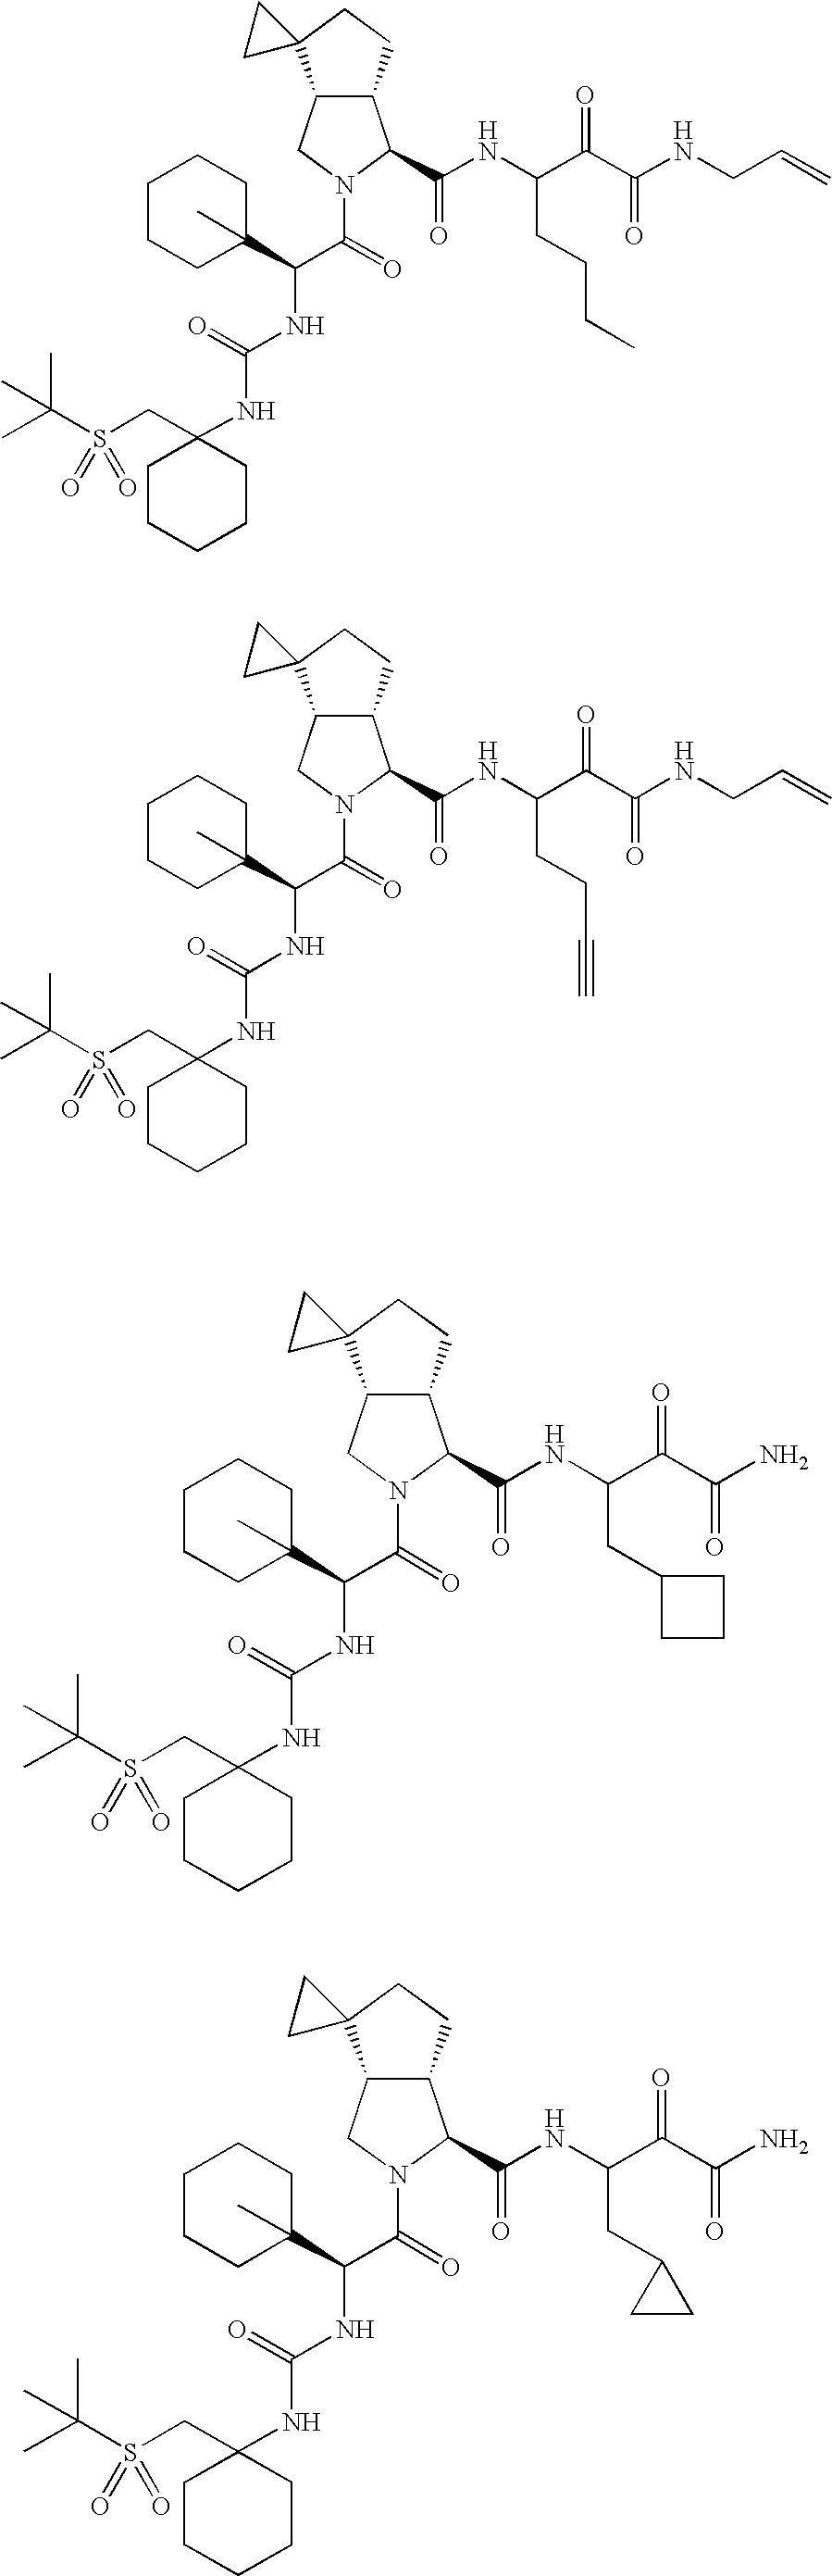 Figure US20060287248A1-20061221-C00504